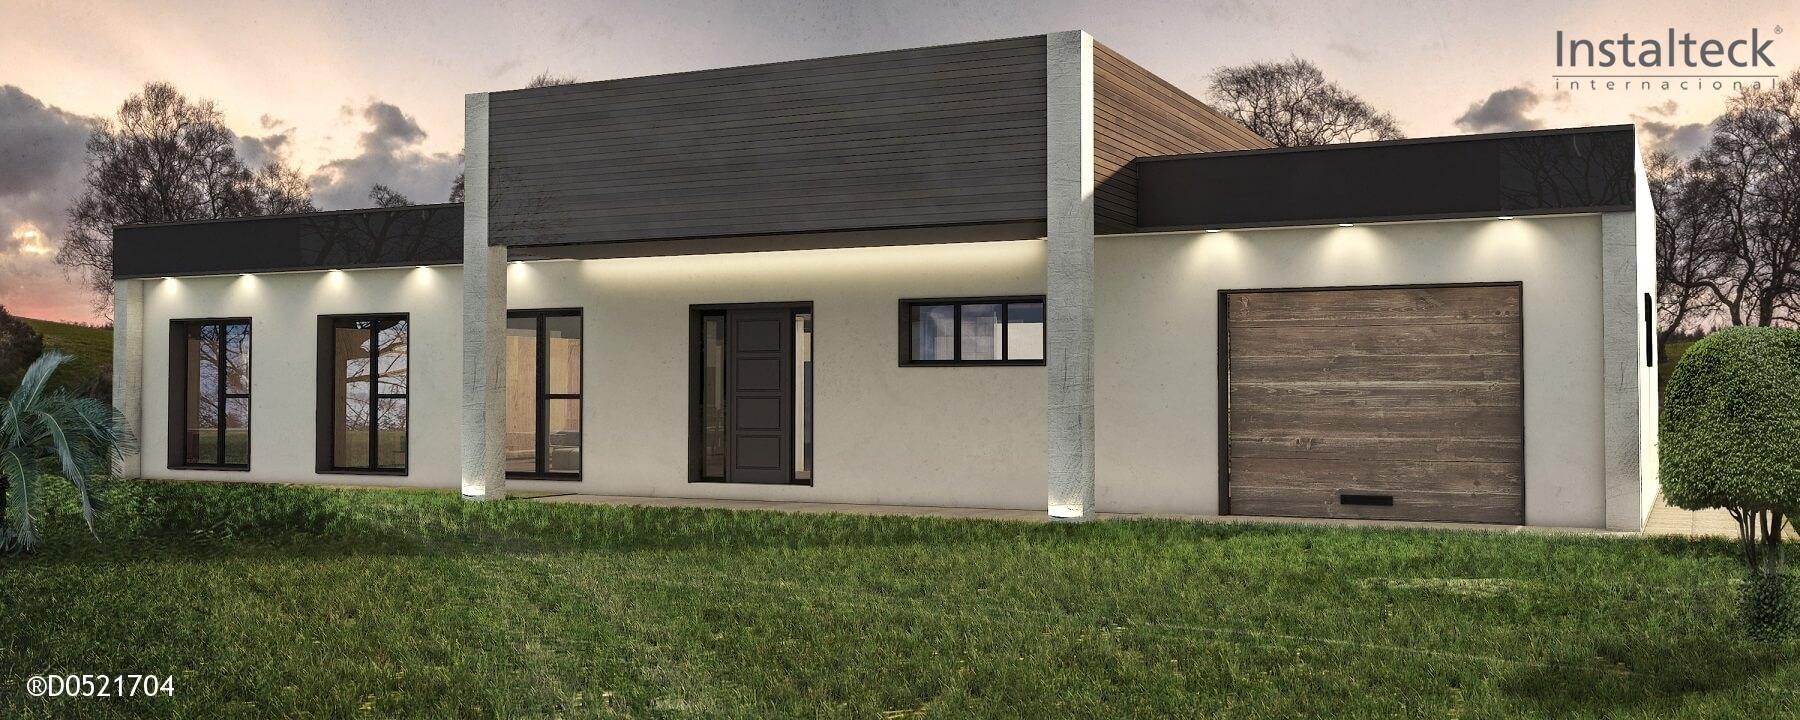 Instalteck modelo de casa modular 205 sevilla precio - Casas prefabricadas de hormigon modernas ...